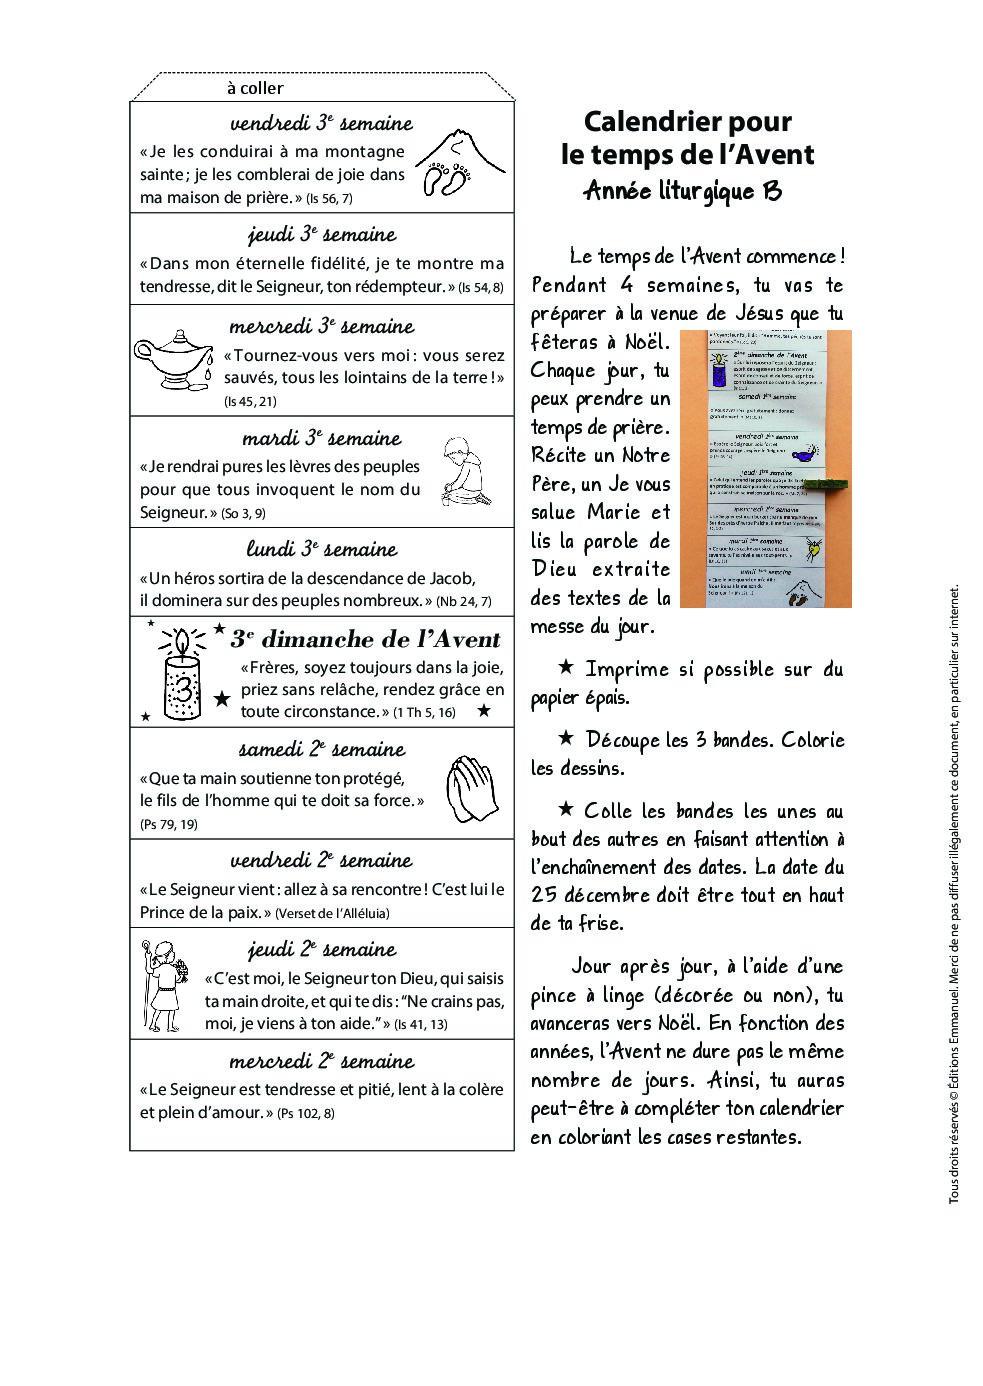 Calendrier Sans Annee.Calendrier De L Avent Annee Liturgique B Catechisme Emmanuel